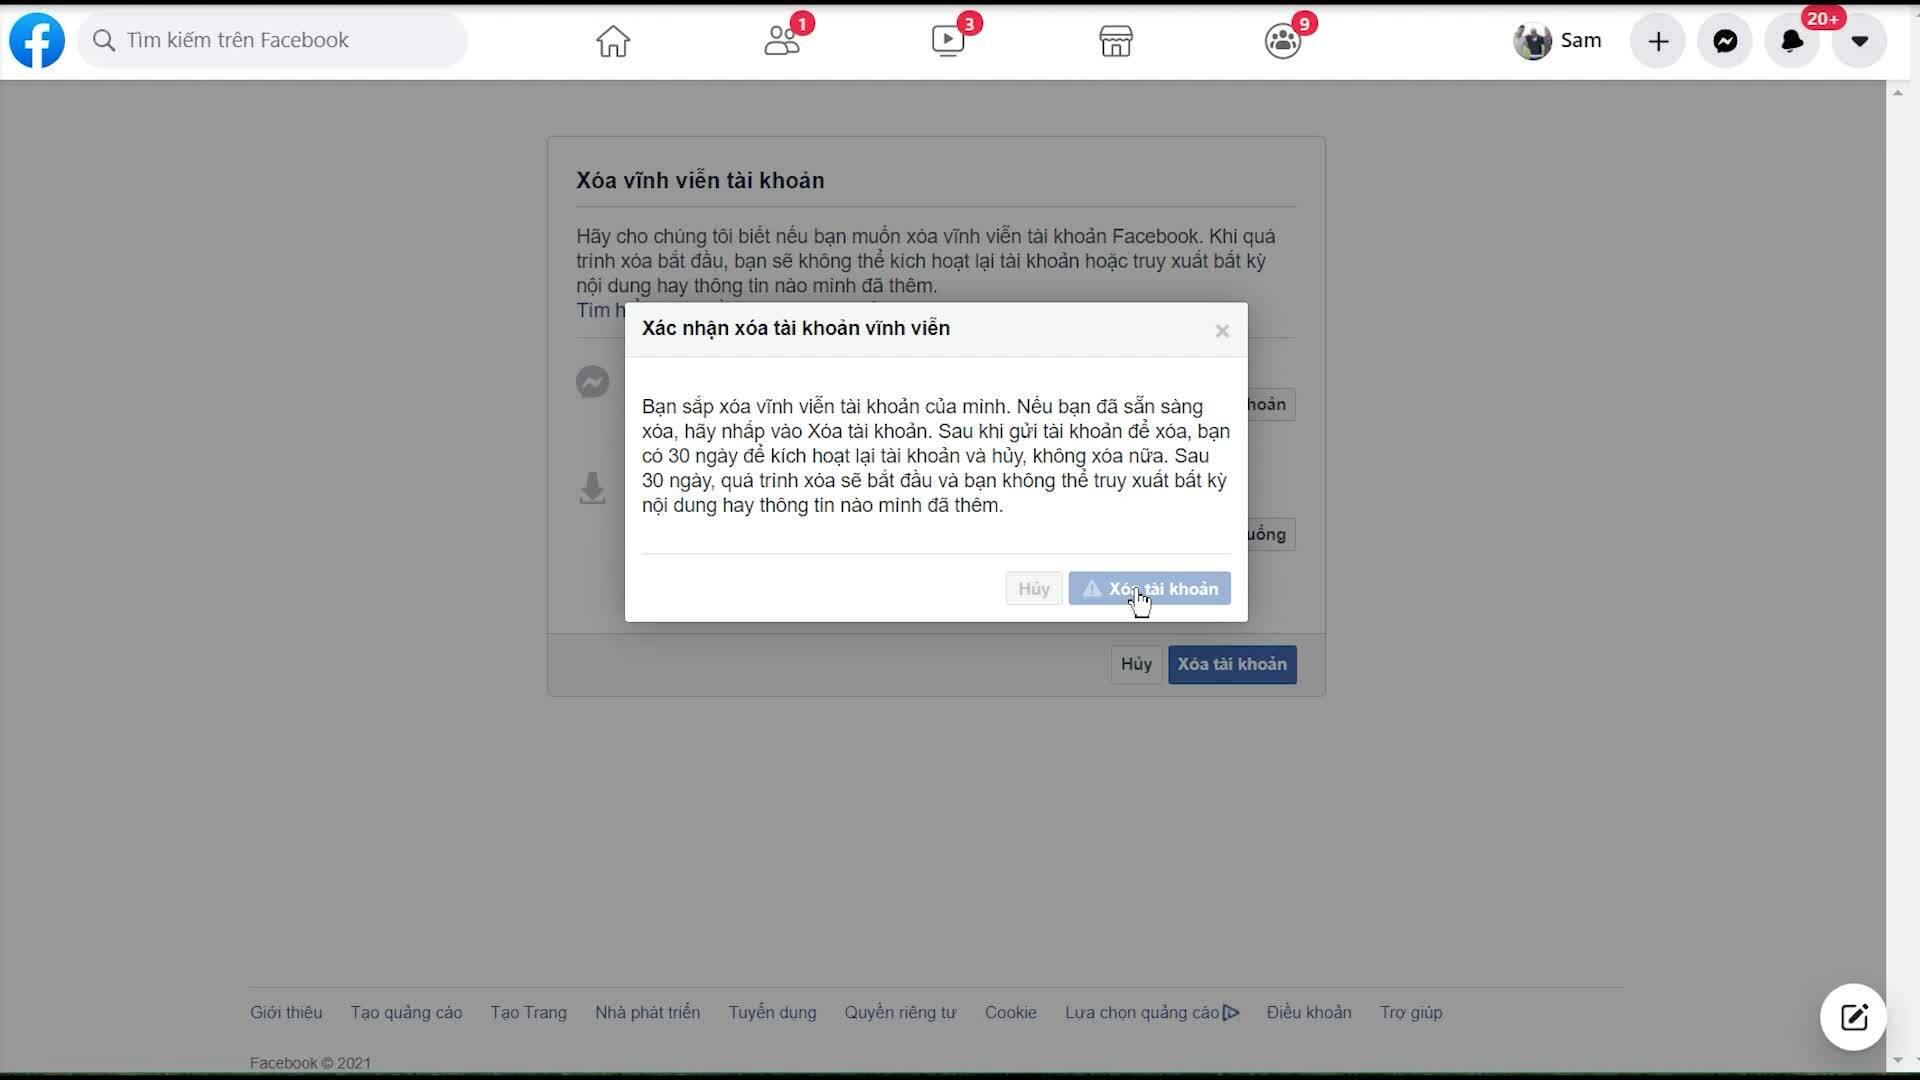 Cách xóa hoàn toàn tài khoản Facebook